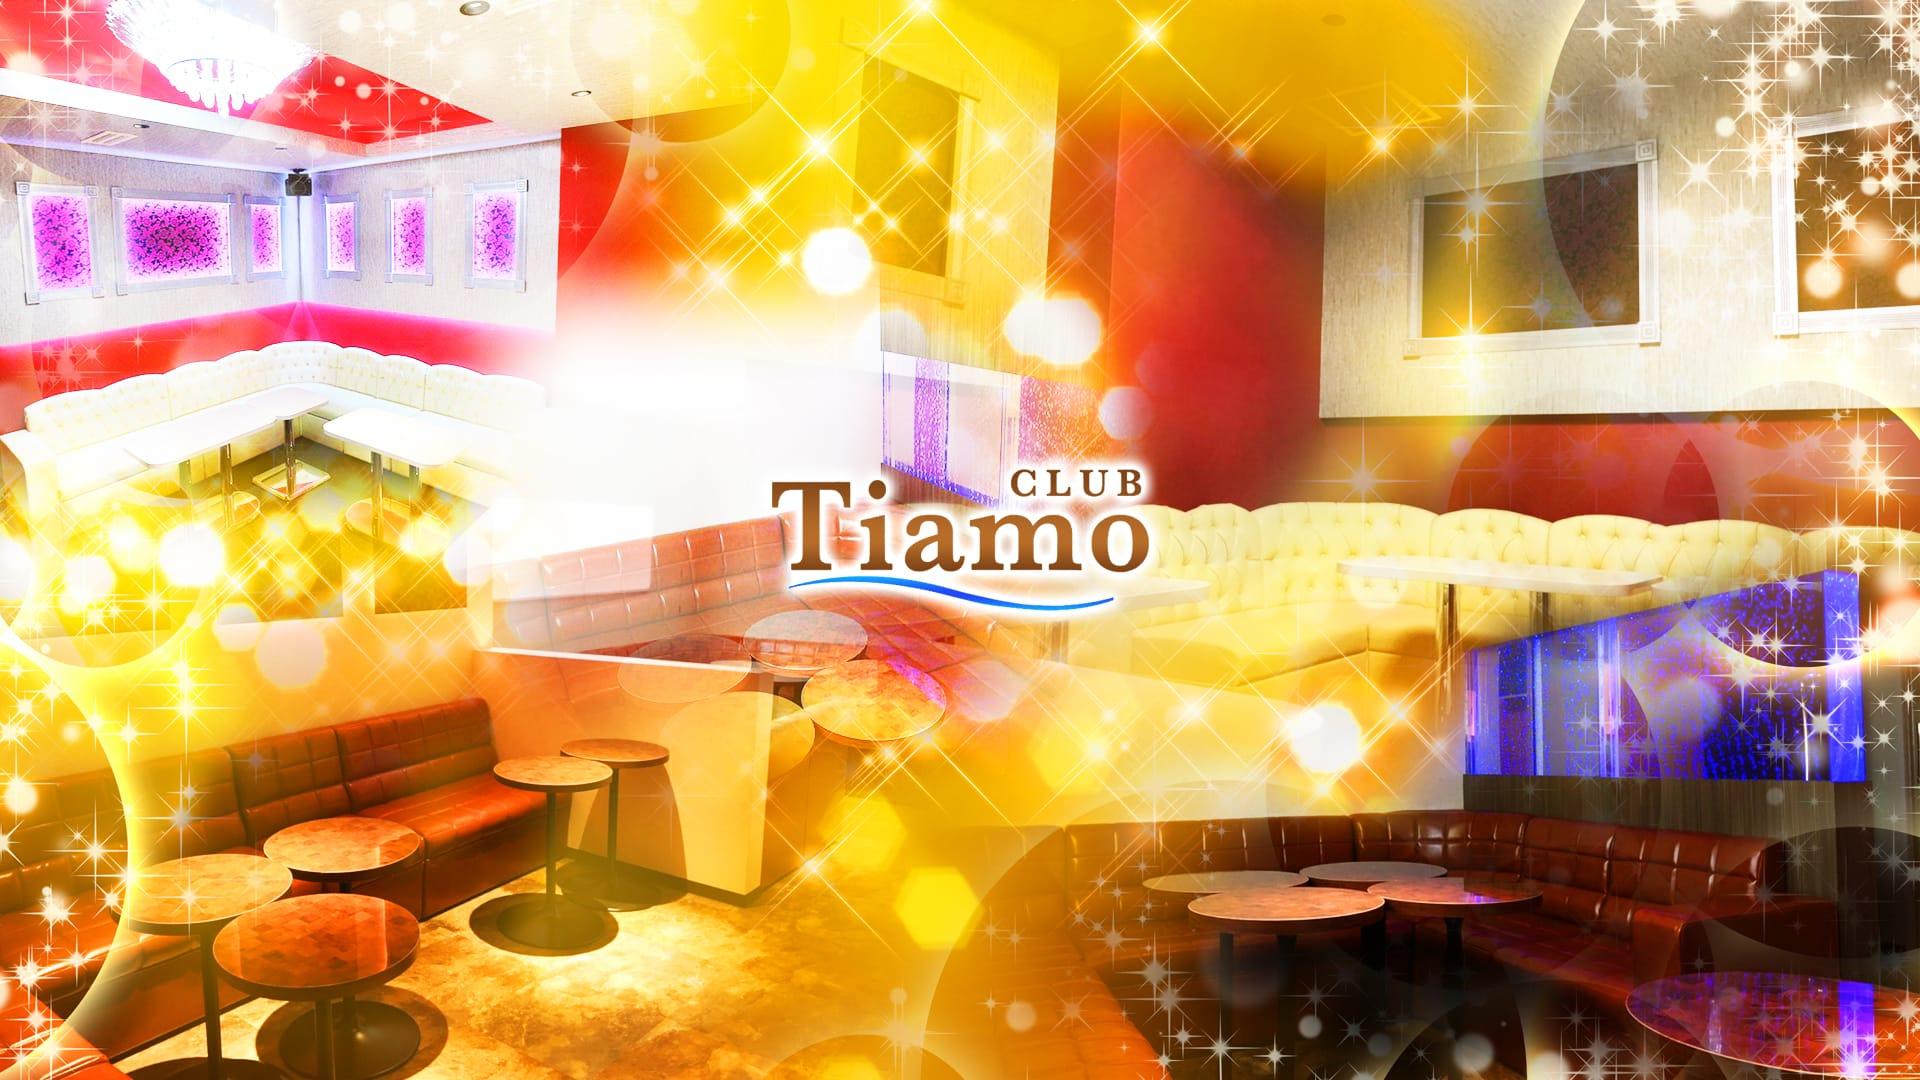 CLUB Tiamo(クラブ ティアモ) 町田キャバクラ TOP画像